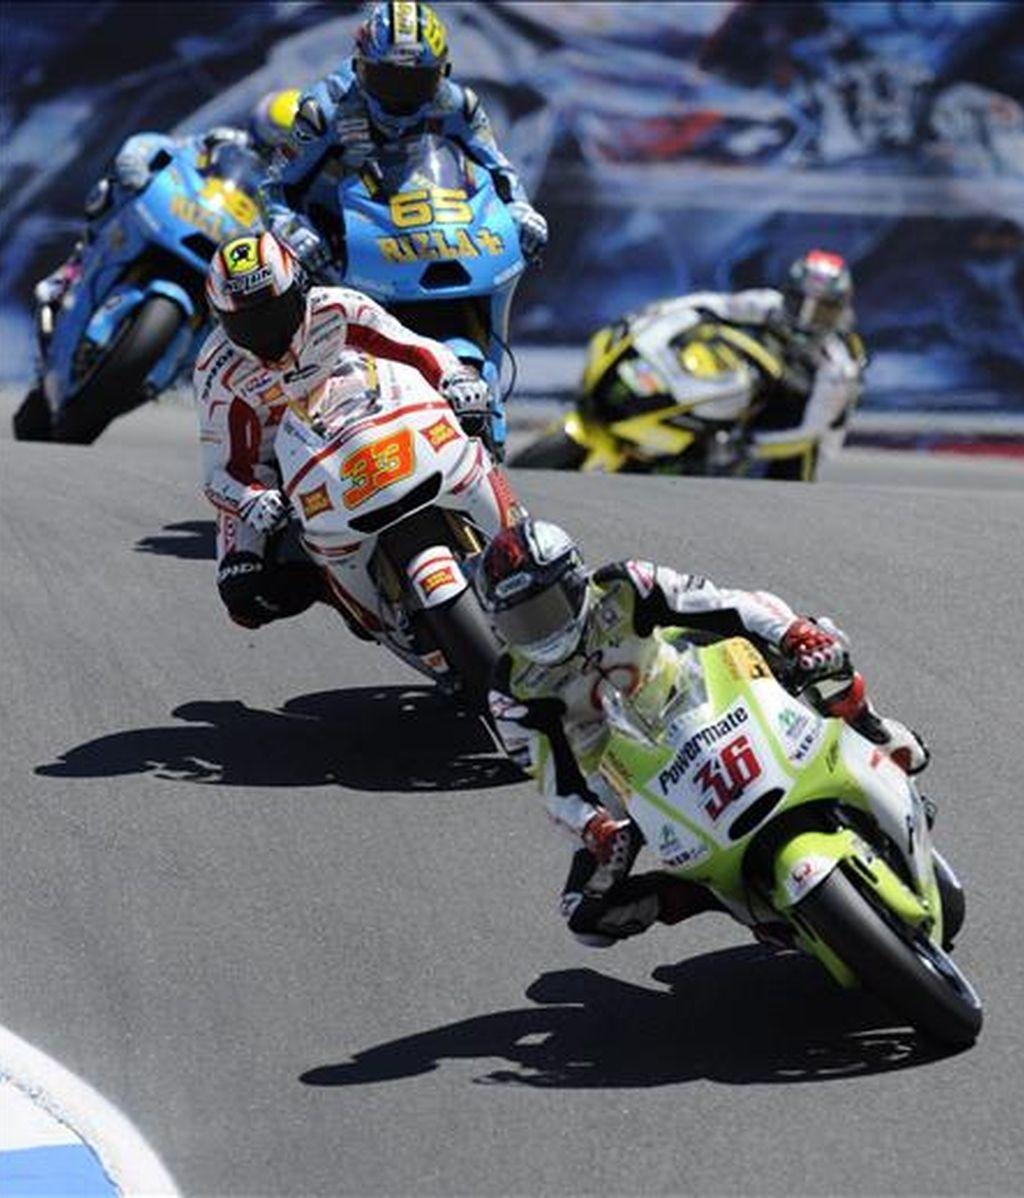 El finlandés Mika Kallio, del equipo Pramac Racing Team (d); el italiano Marco Melandri, de San Carlo Honda Gresini, y Loris Capirossi, de Rizla Suzuki MotoGP (arriba), conducen sus motocicletas este 23 de julio. EFE